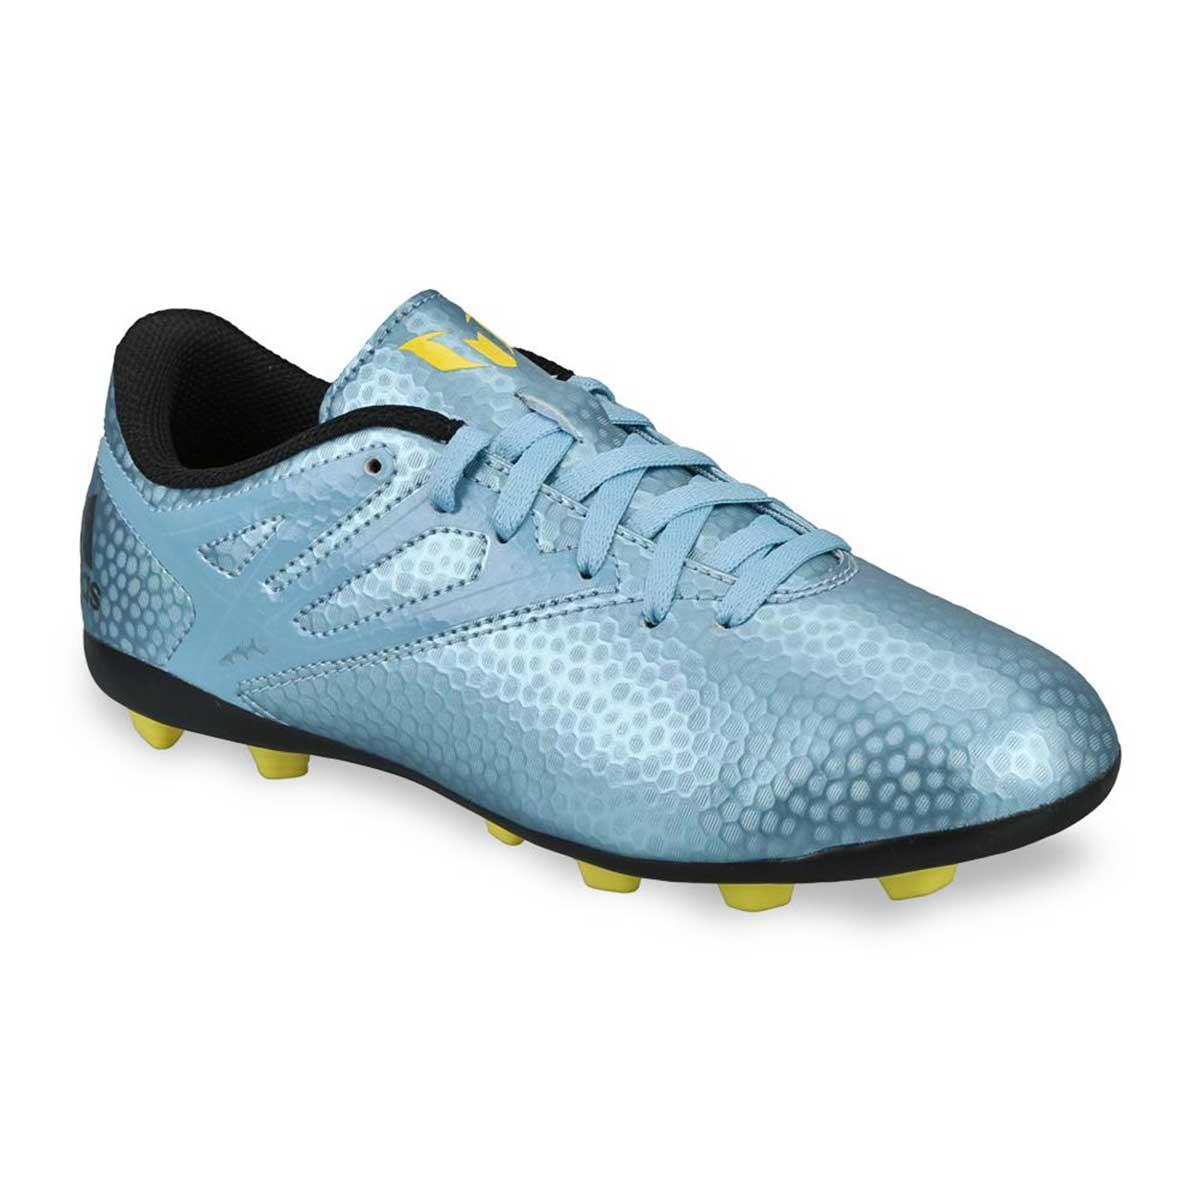 Buy Adidas Messi 15.4 FXG Junior